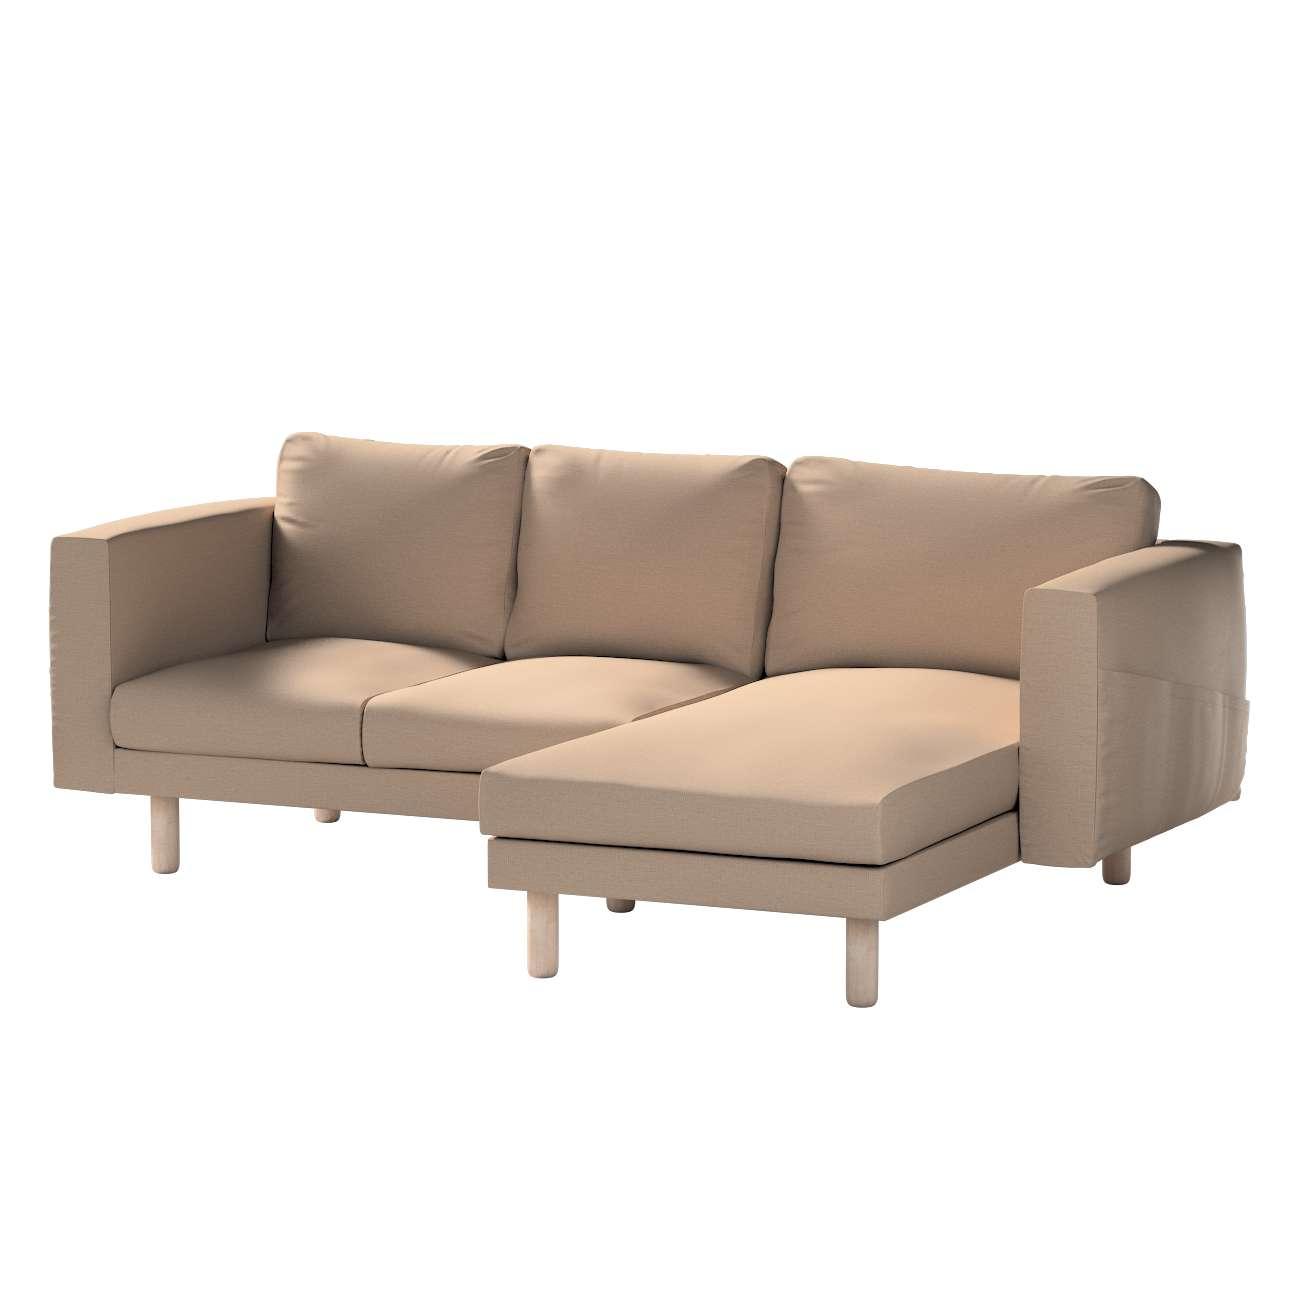 Pokrowiec na sofę Norsborg 3-osobową z szezlongiem w kolekcji Bergen, tkanina: 161-75